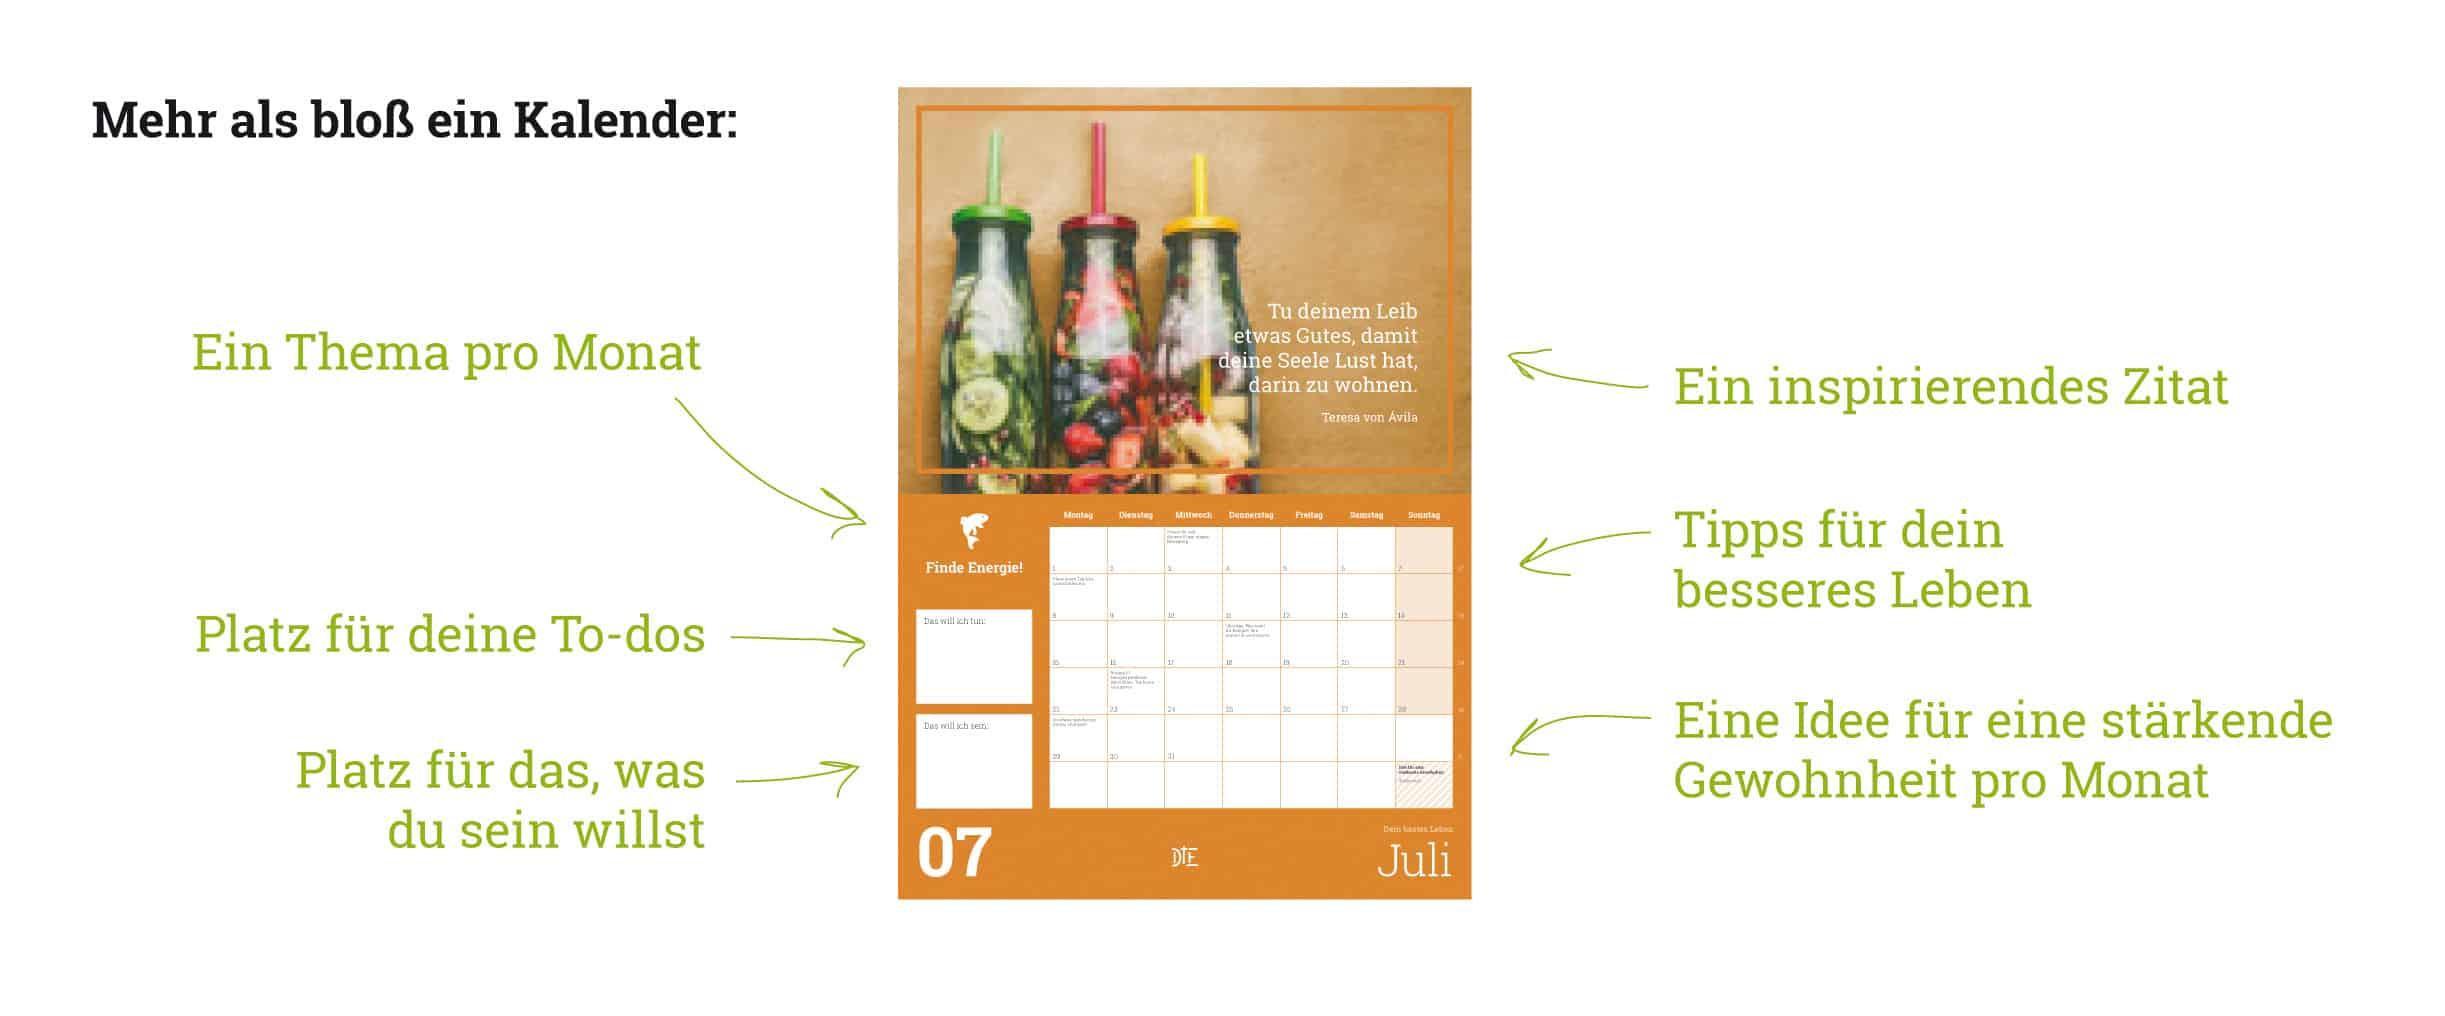 Mehr als bloß ein Kalender